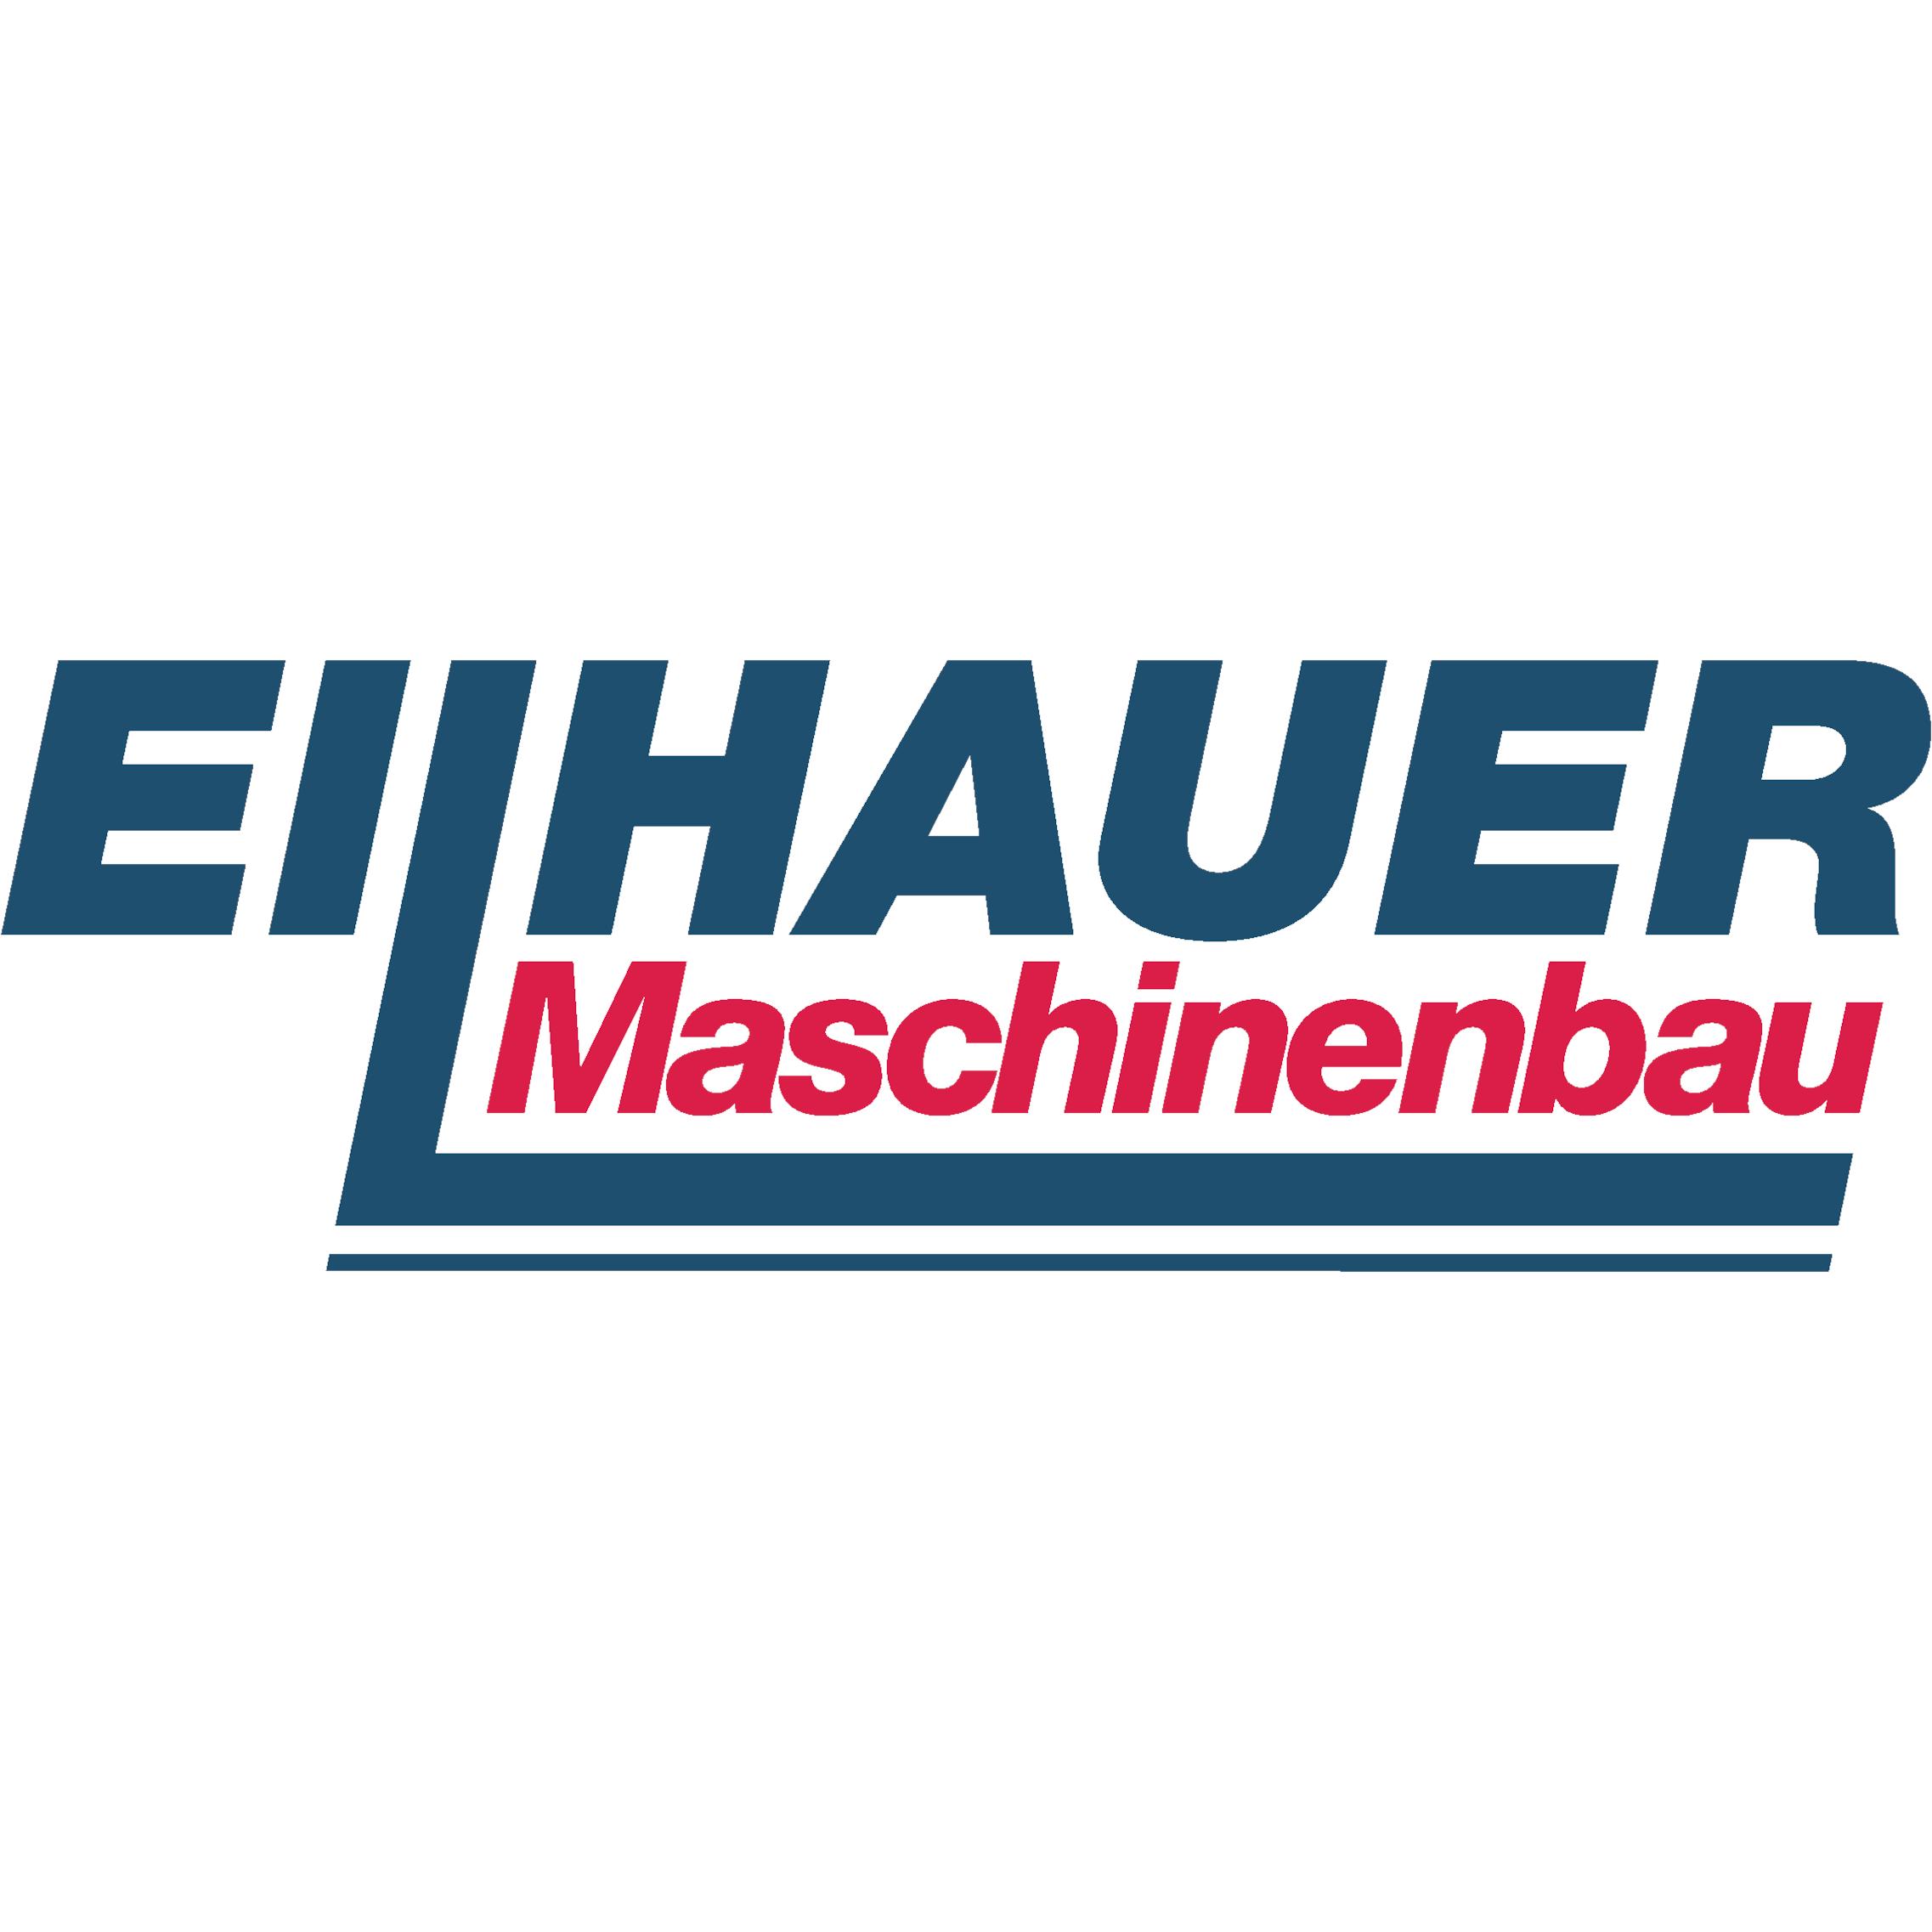 Eilhauer Maschinenbau GmbH